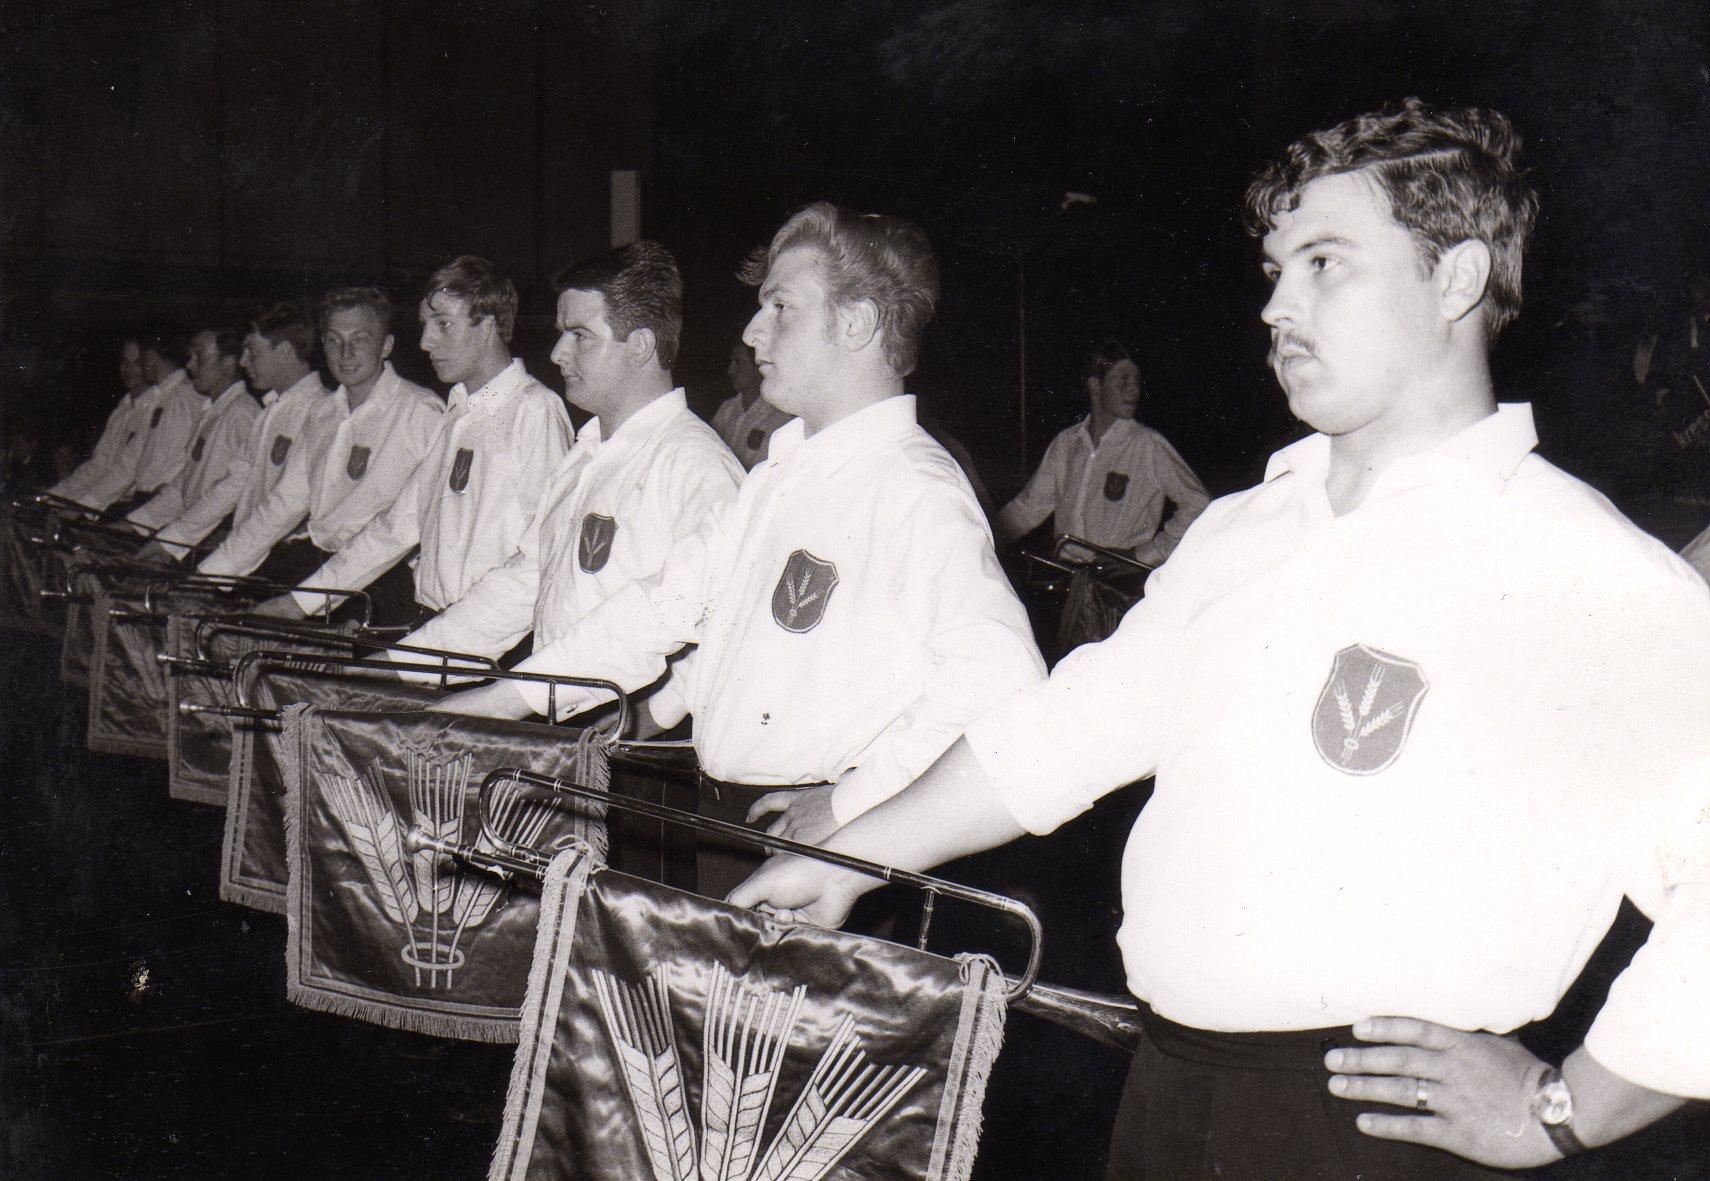 Der Fanfarenzug bei einem Auftritt in der Oberschwabenhalle im Jahr 1965